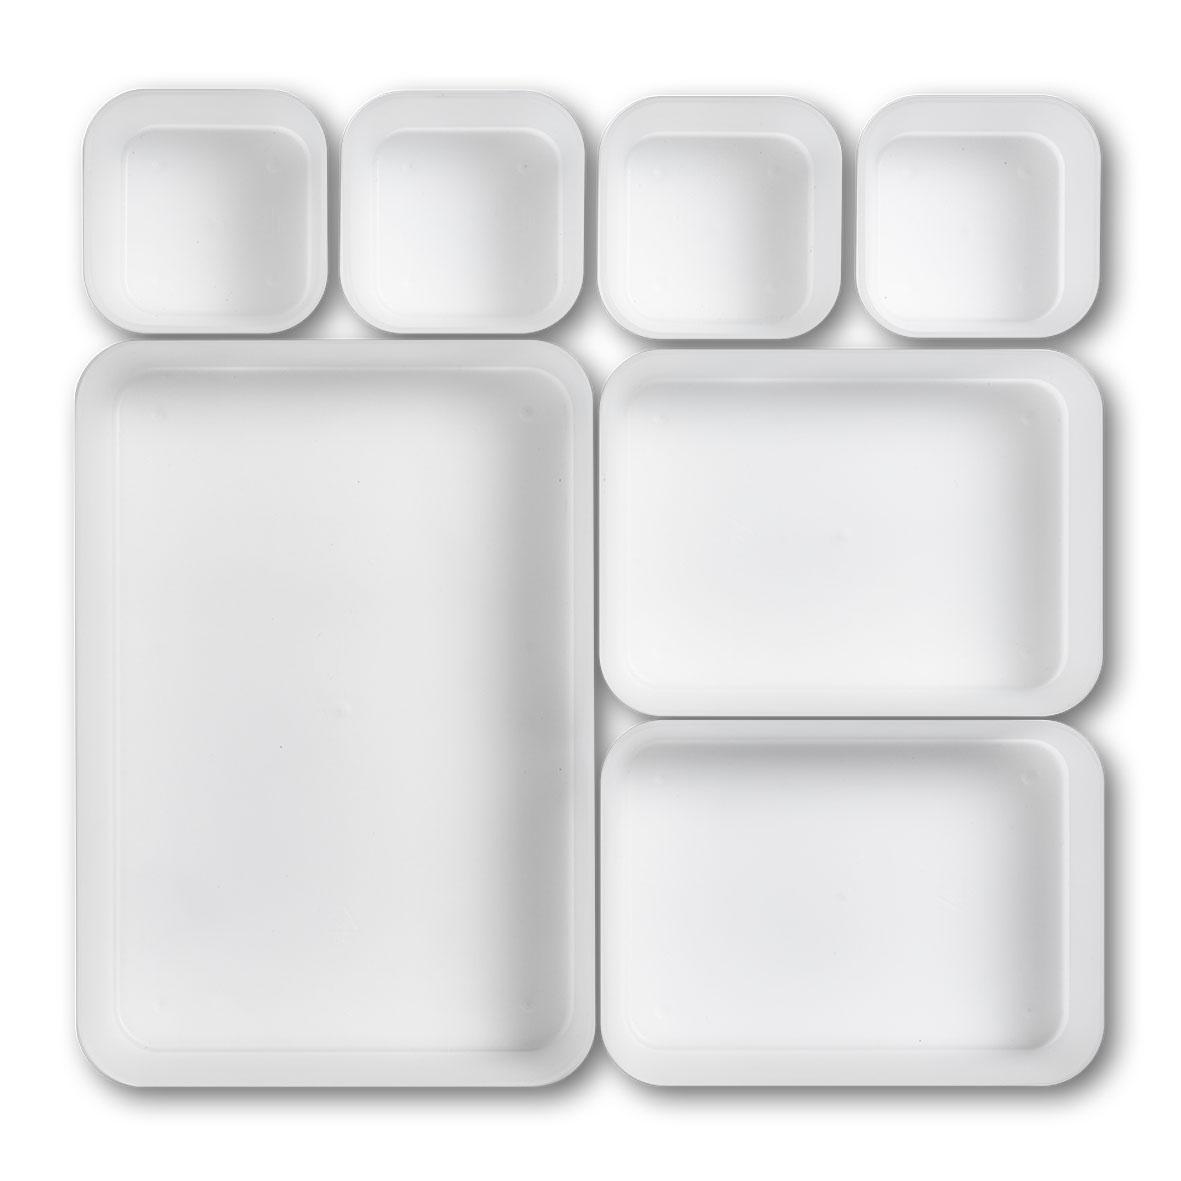 Organizator accesorii de birou, din plastic, Tray Transparent, 7 compartimente individuale imagine